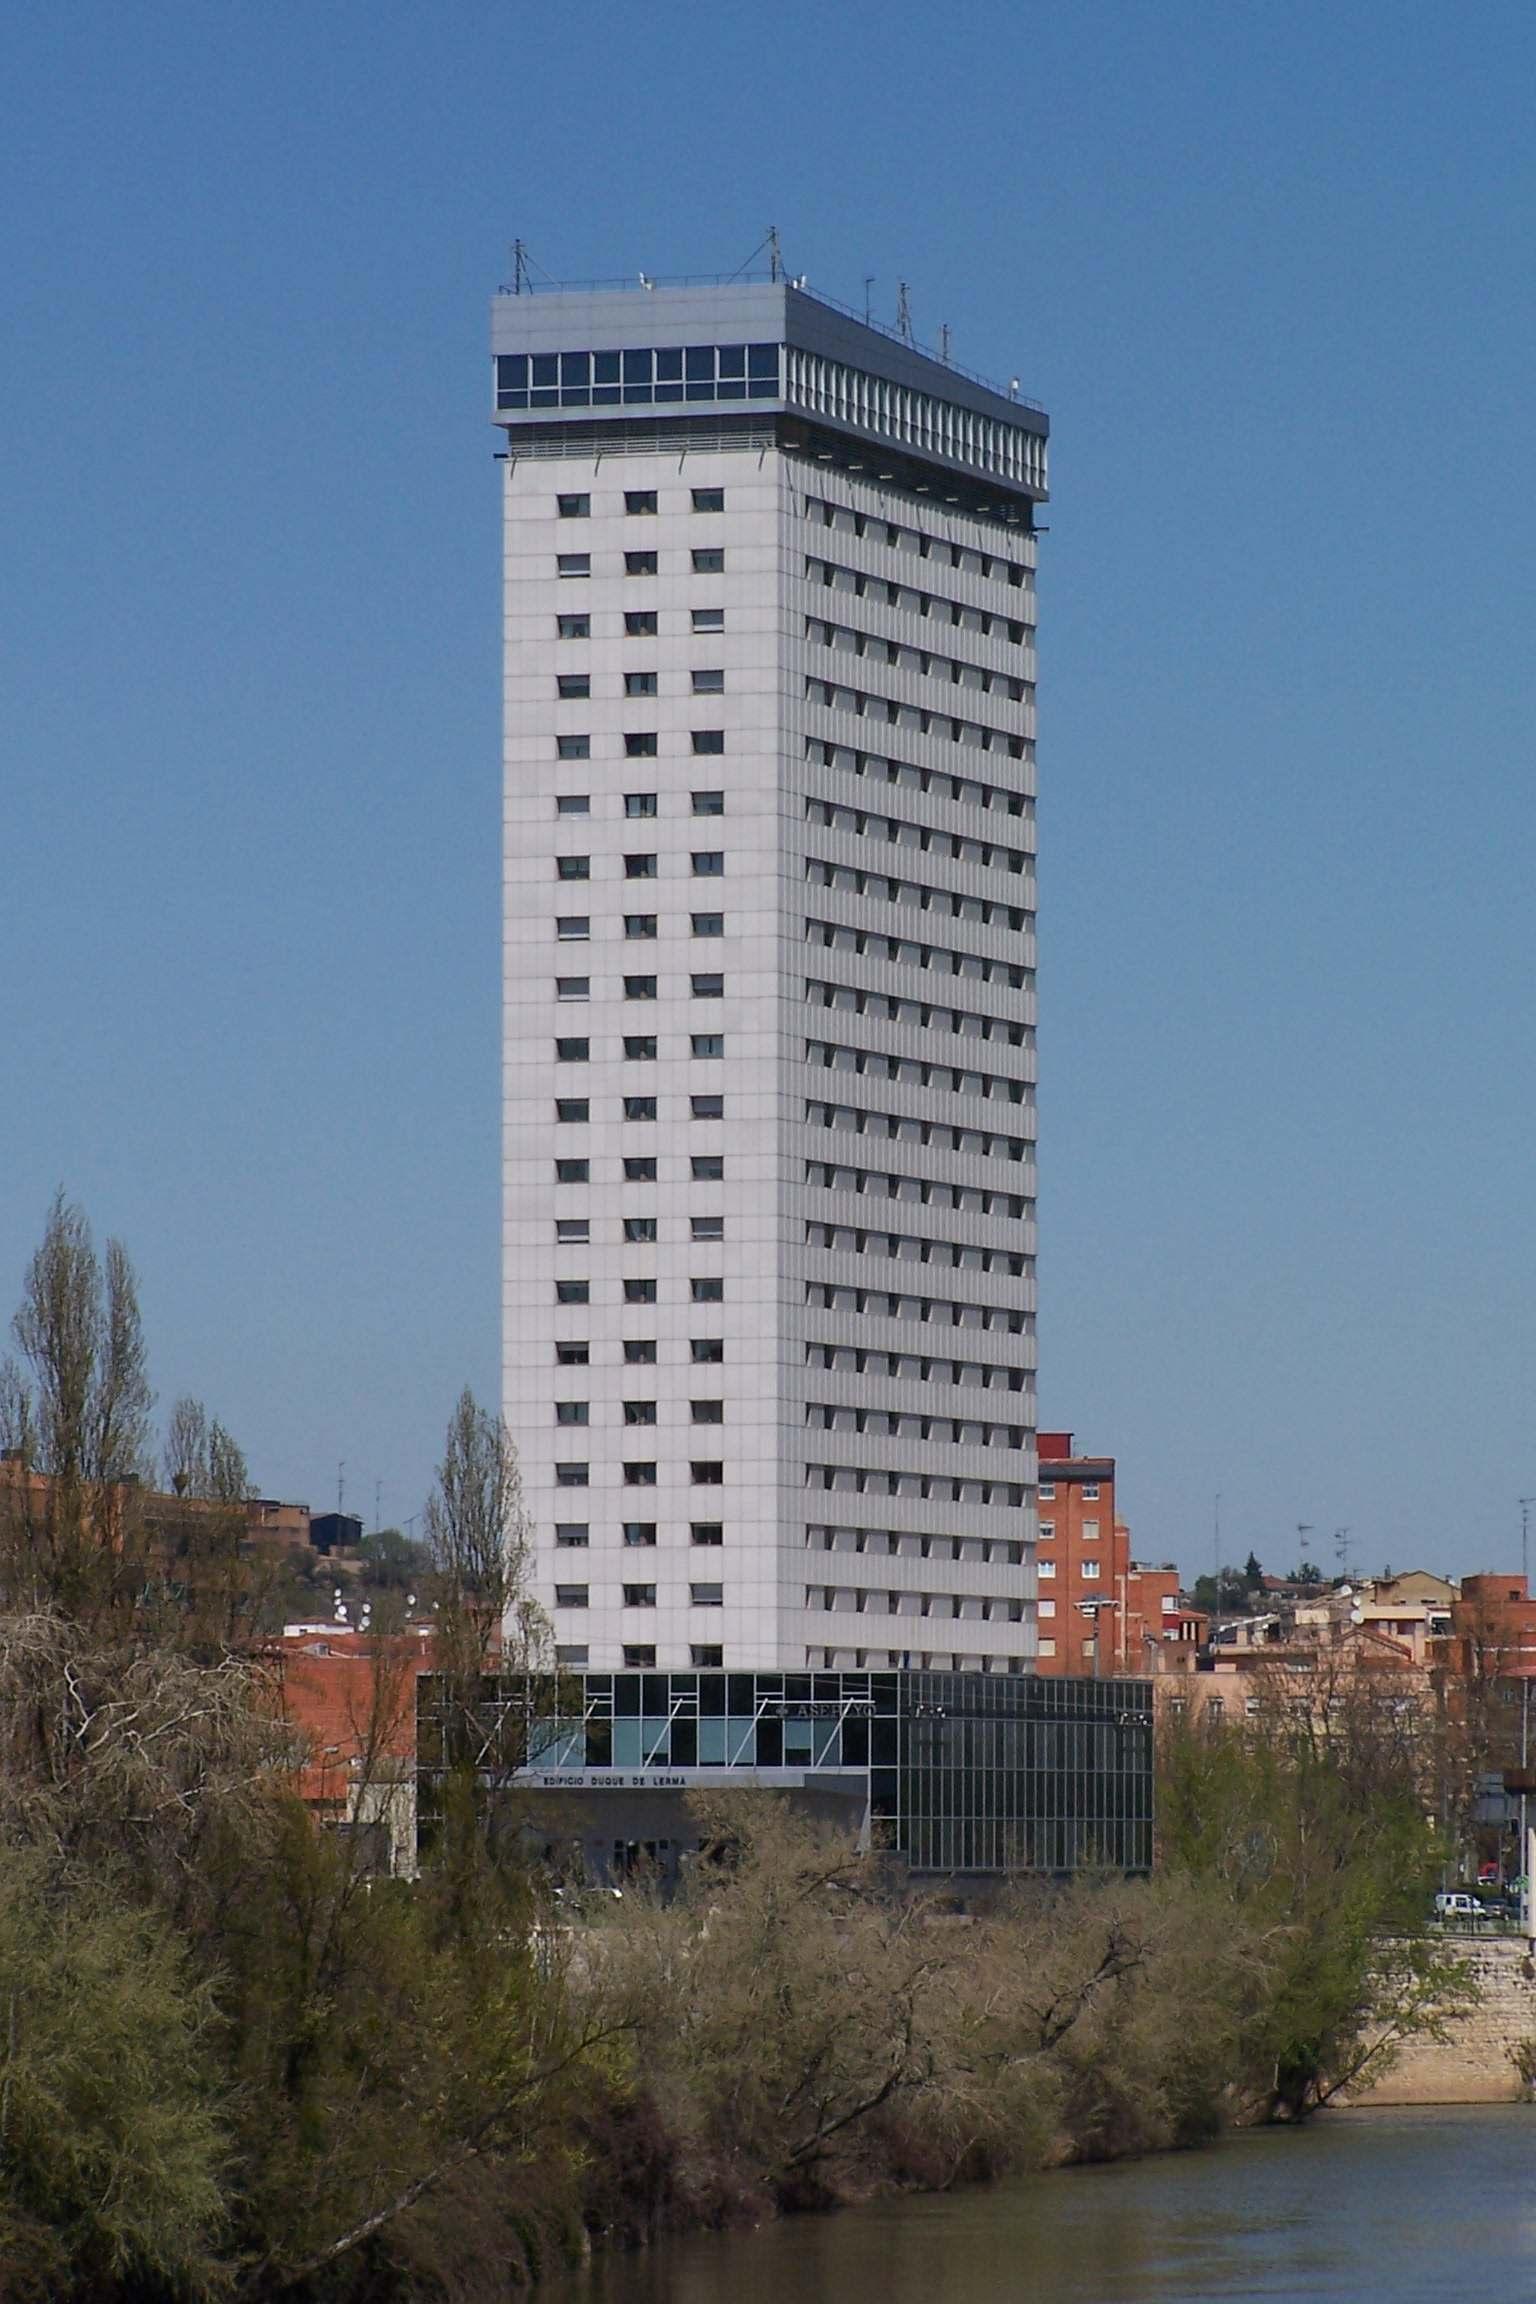 Mamposteria bloques de concreto sin alguna alineacion for Piso 21 wikipedia